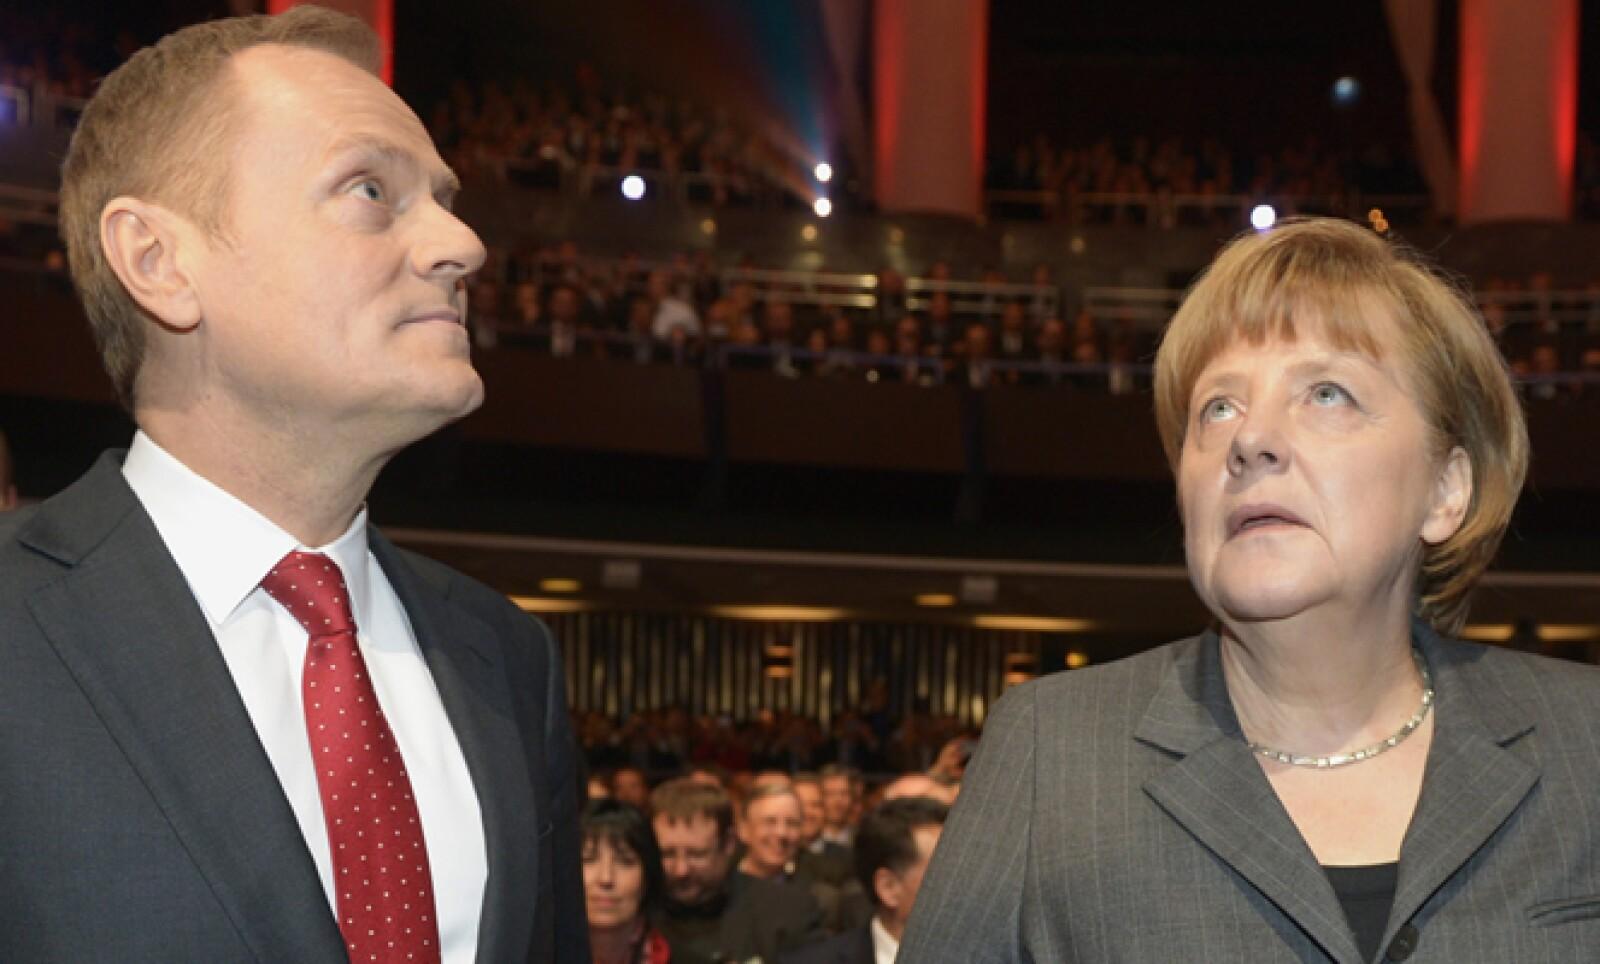 El primer ministro polaco, Donald Tusk y la canciller alemana, Angela Merkel, en la ceremonia de apertura de la feria CeBIT.